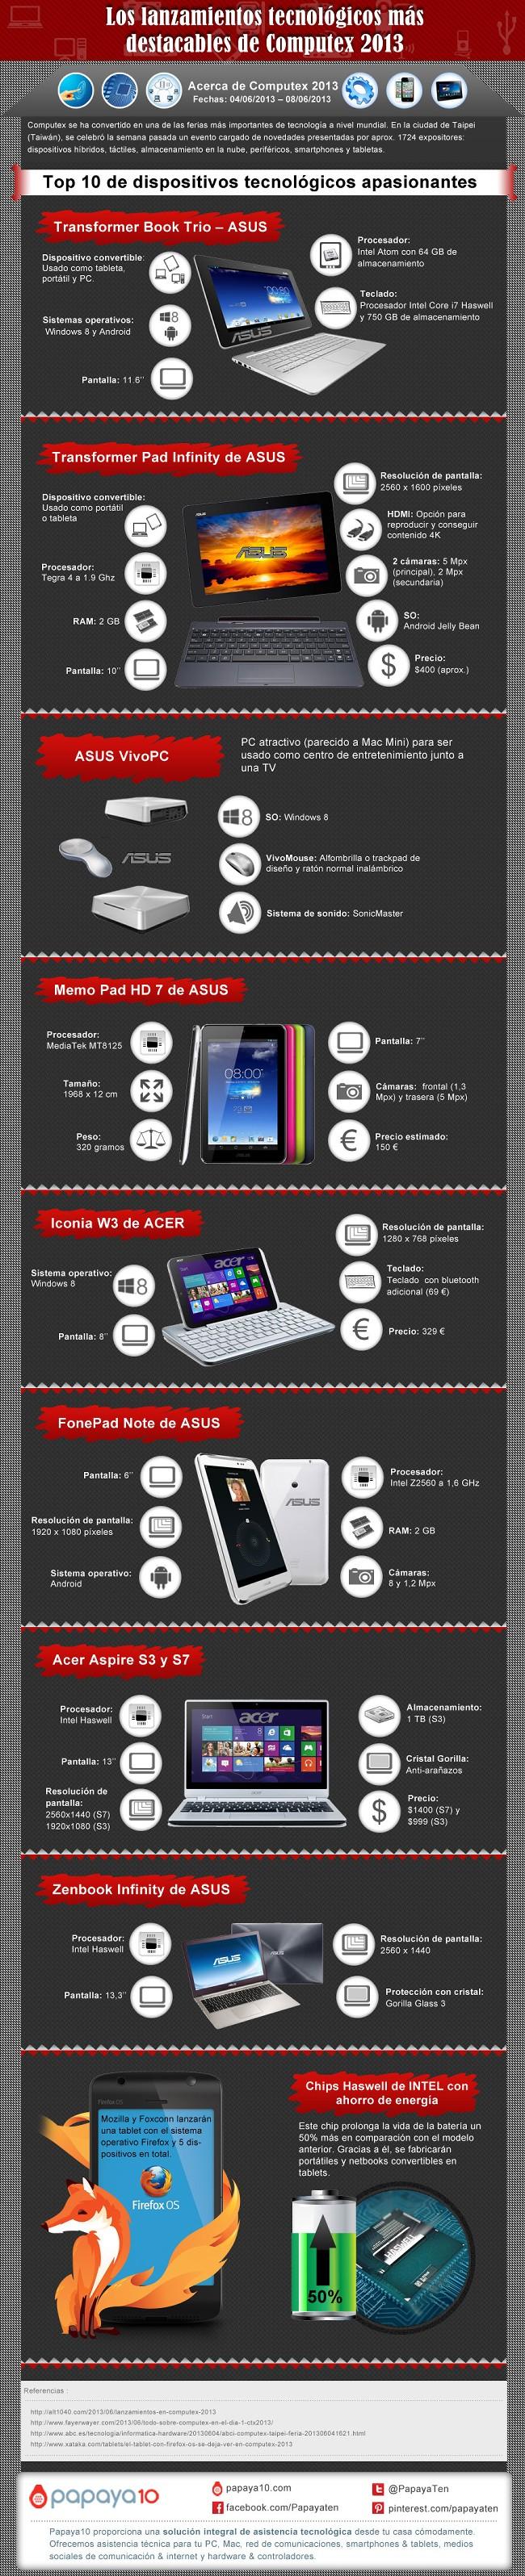 Los-lanzamientos-tecnologicos-mas-destacables-de-Computex-2013